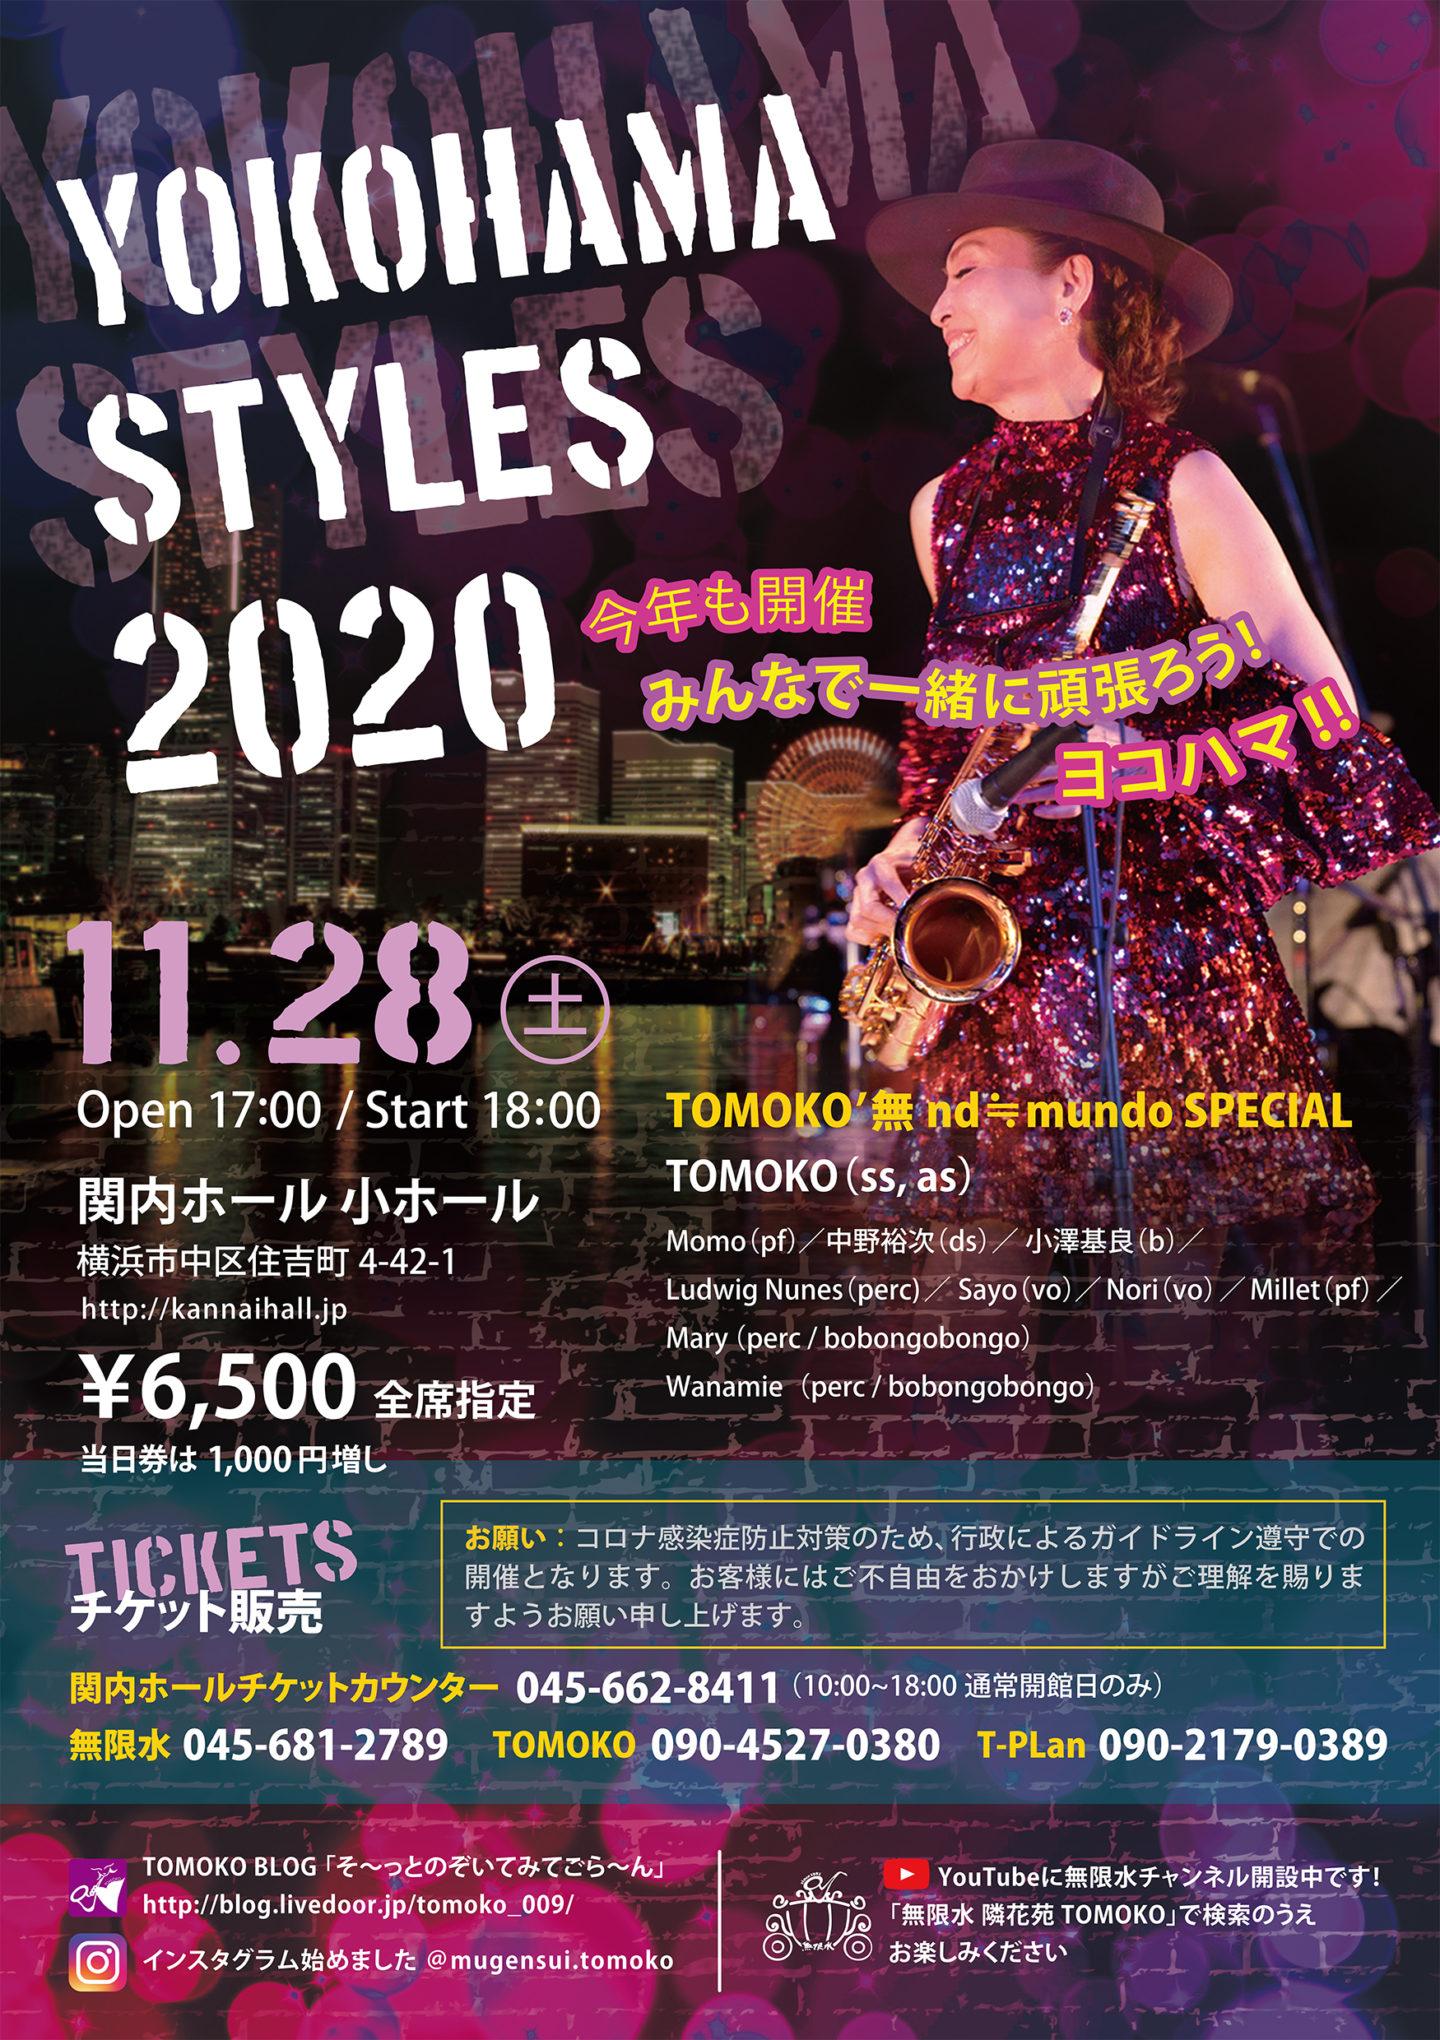 YOKOHAMA STYLES 2020 横浜 ジャズイベント